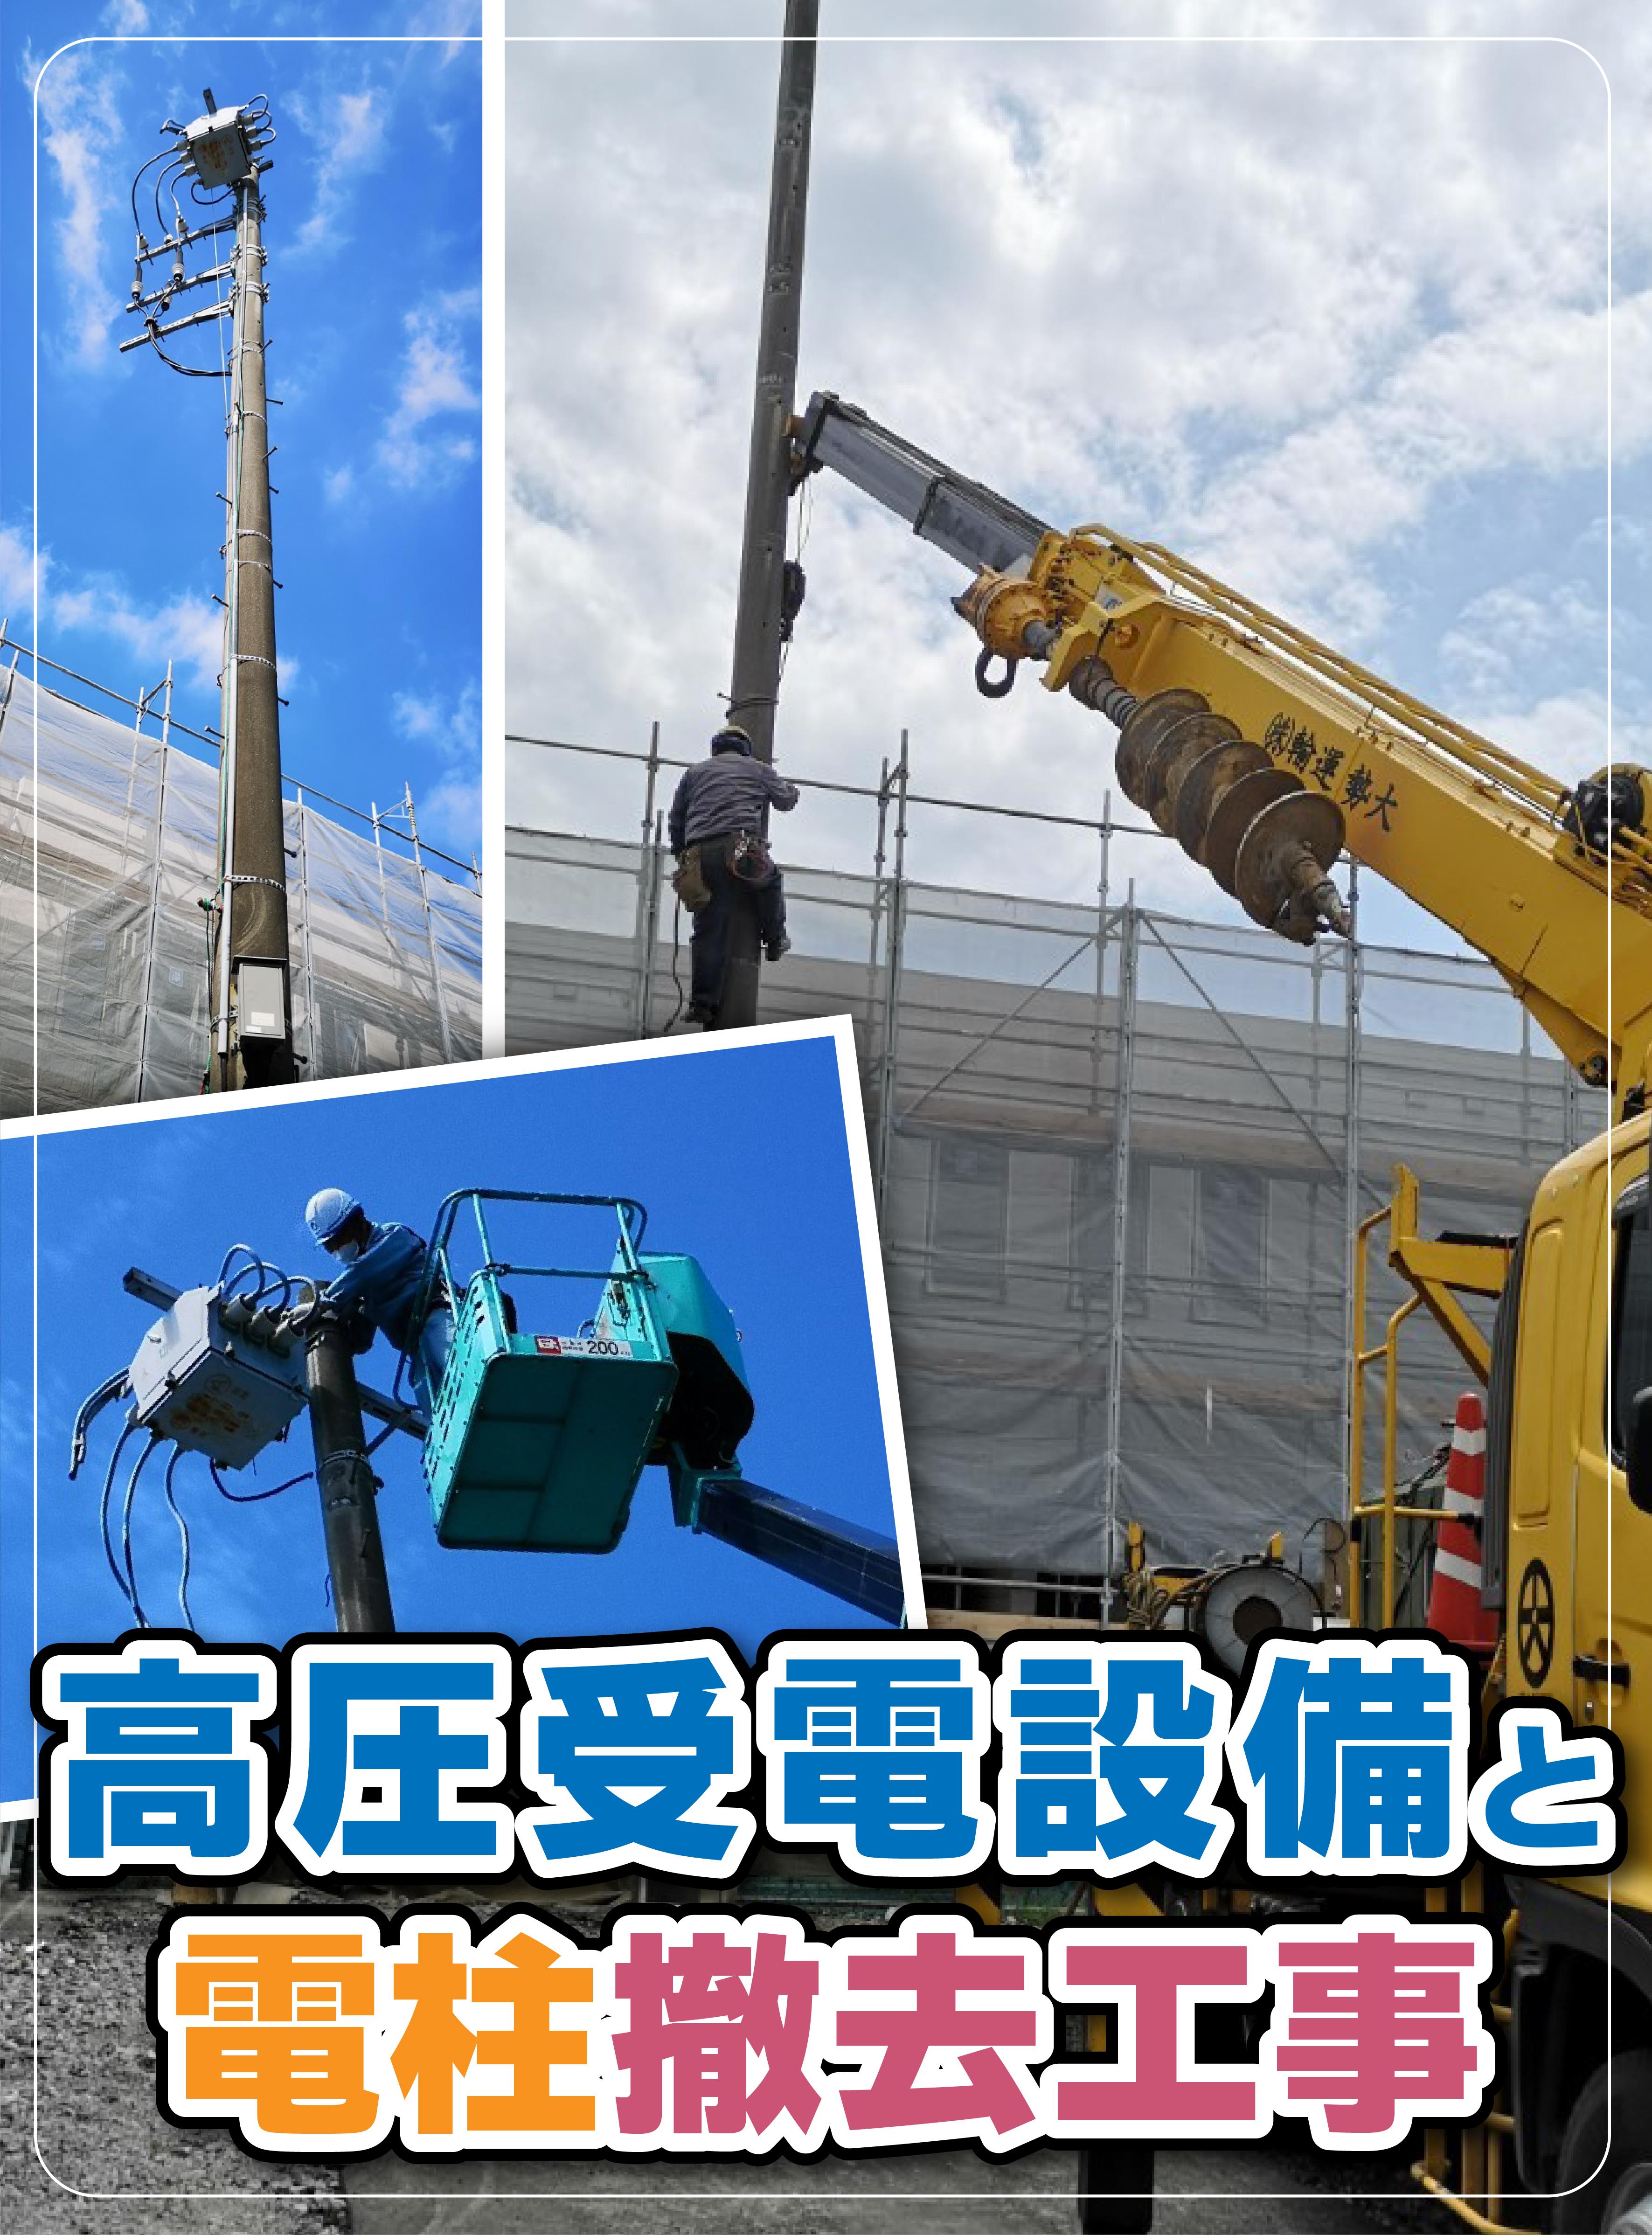 株式会社富森様【高圧受電設備の撤去工事】